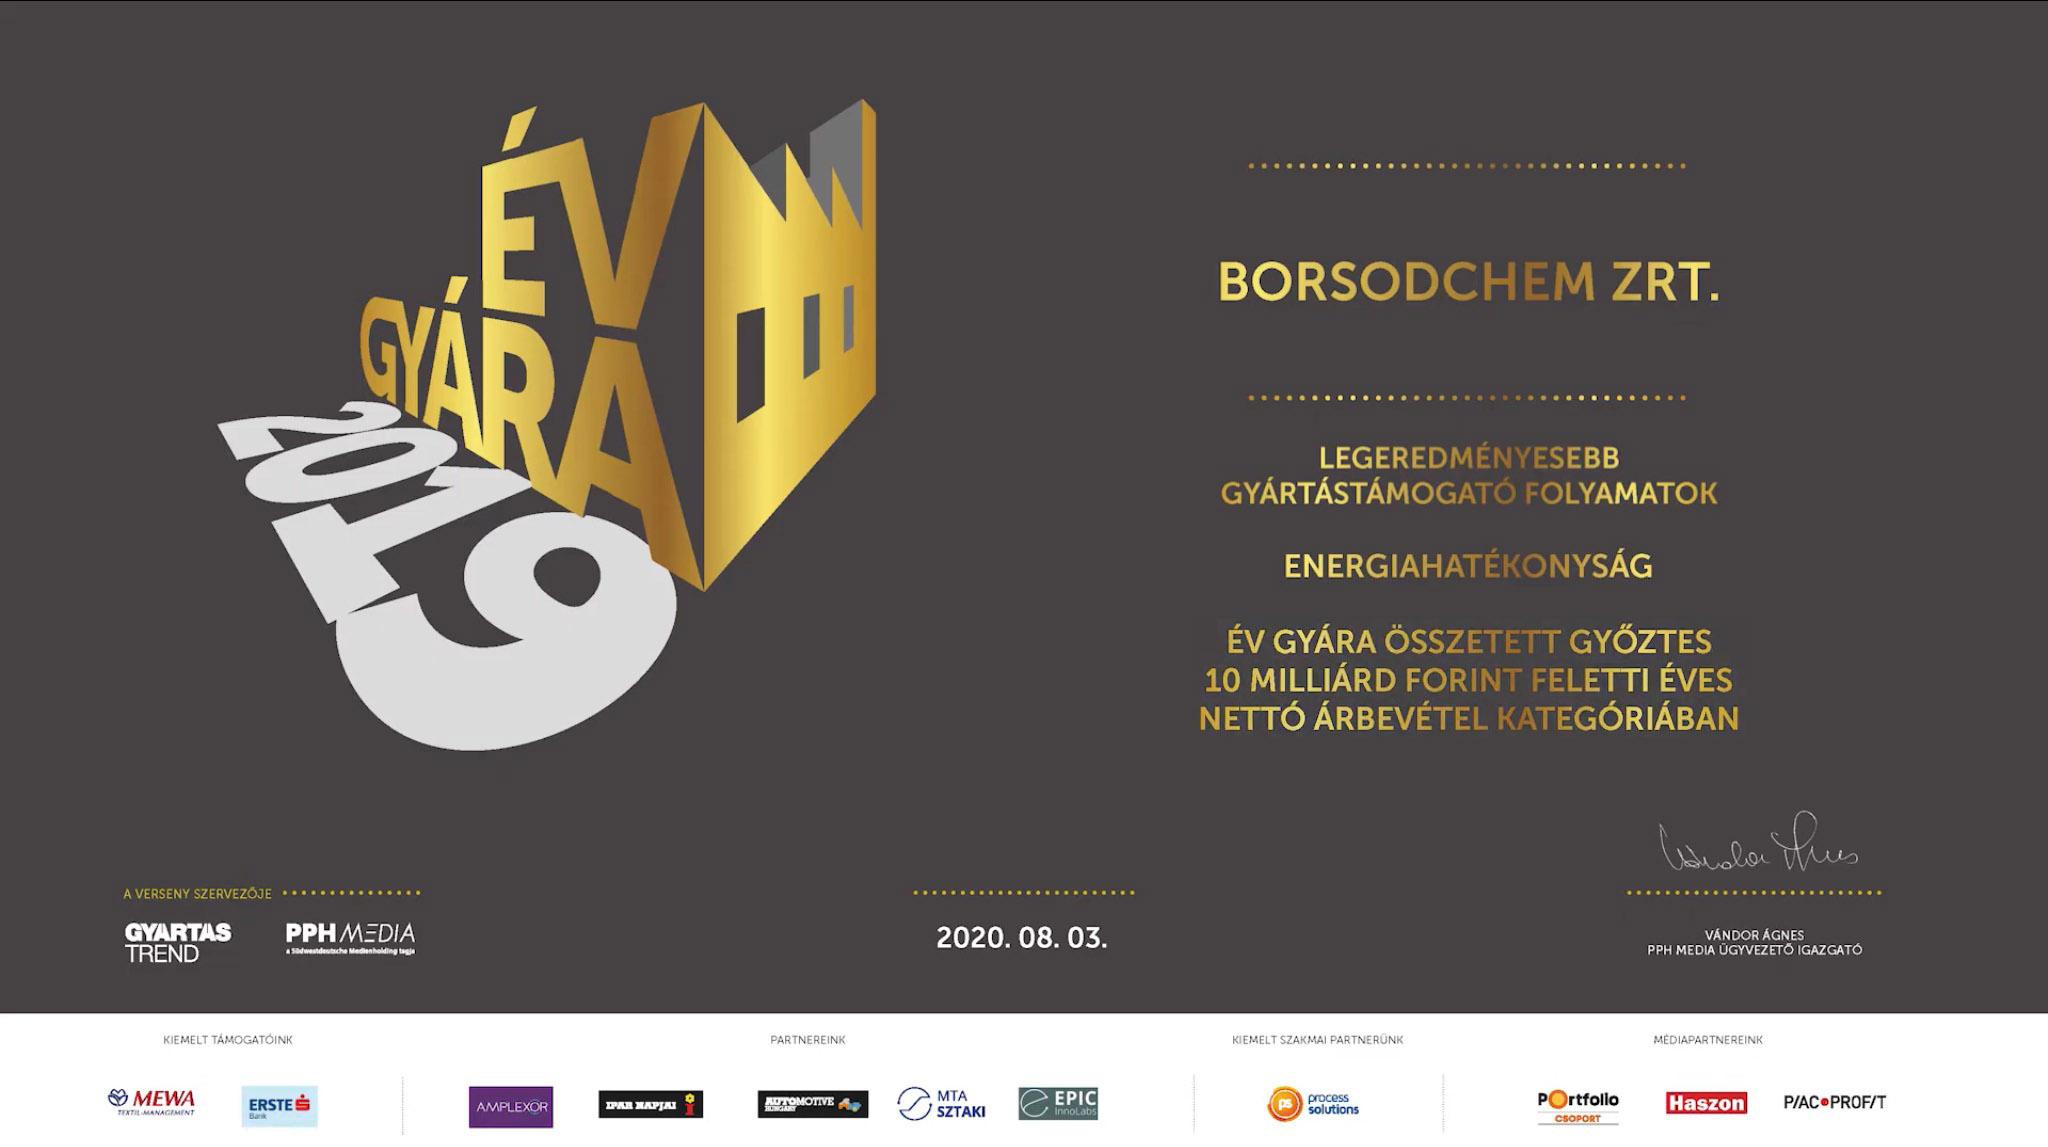 ev-gyara-osszesitett-dia-2020